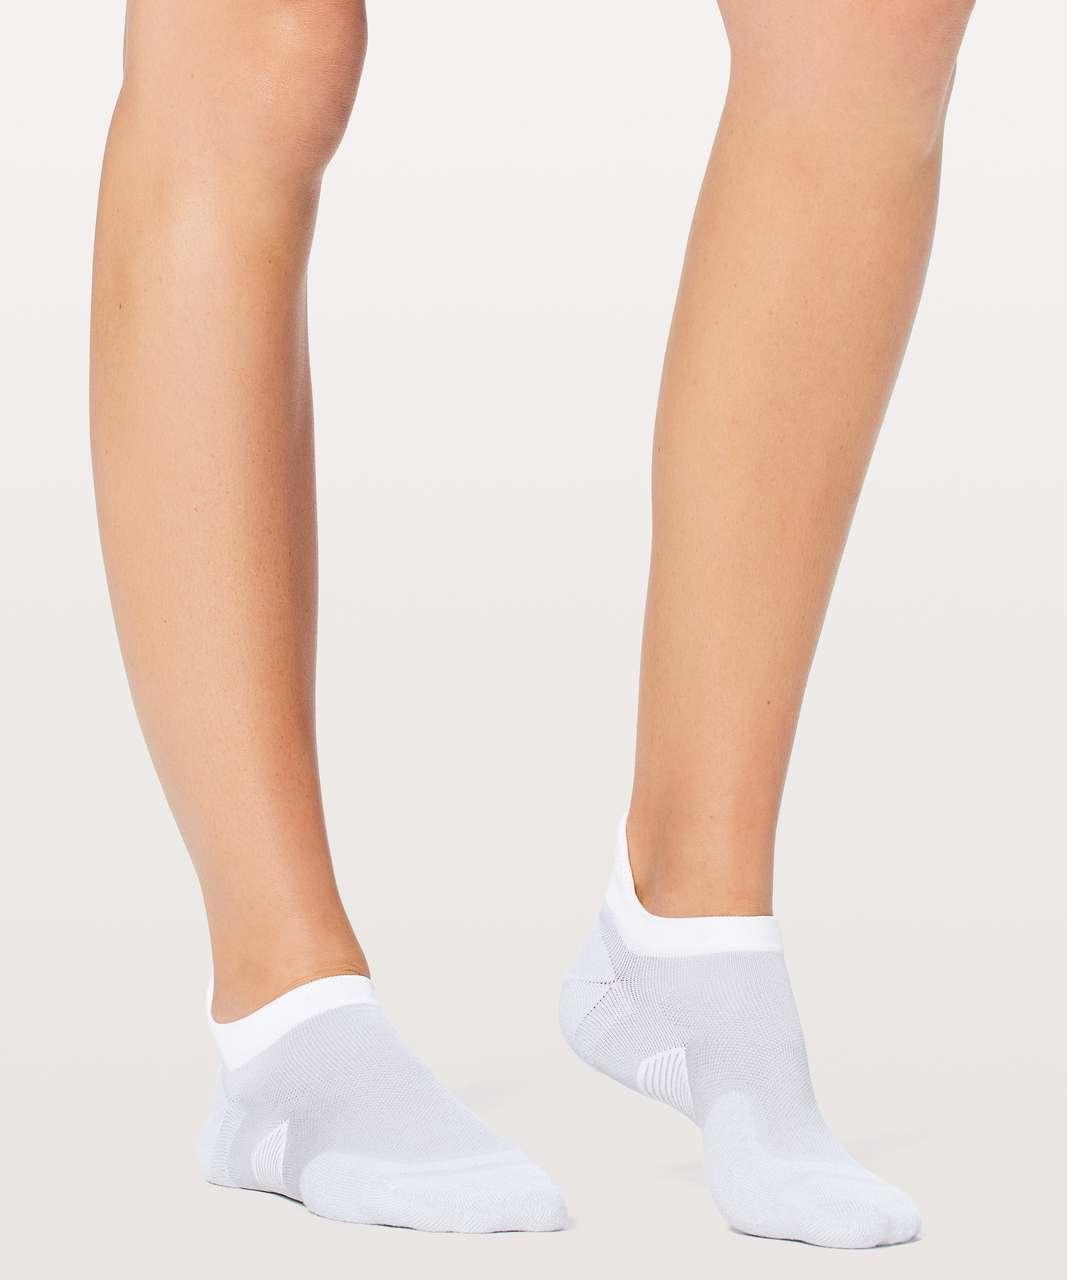 Lululemon Speed Sock 3-Pack - Starlight / Cameo / Serene Blue